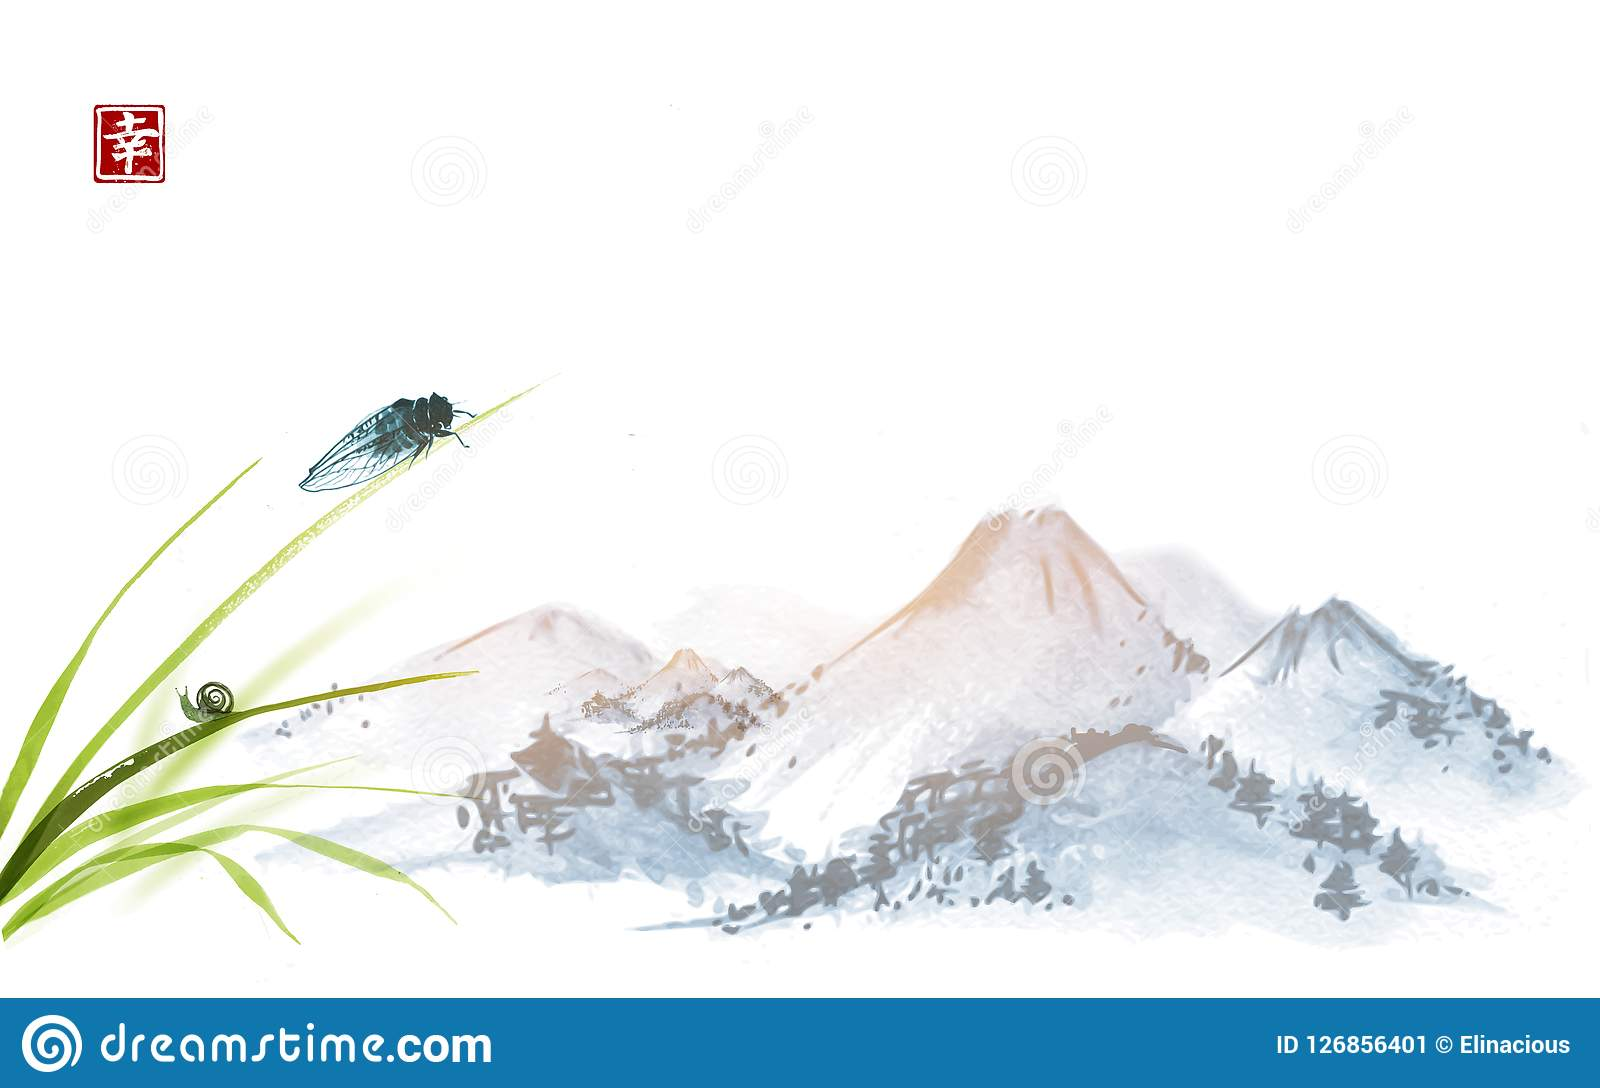 Cicala e piccola lumaca sulle foglie di erba Sumi-e orientale tradizionale della pittura dell inchiostro, u-peccato, andare-hua G